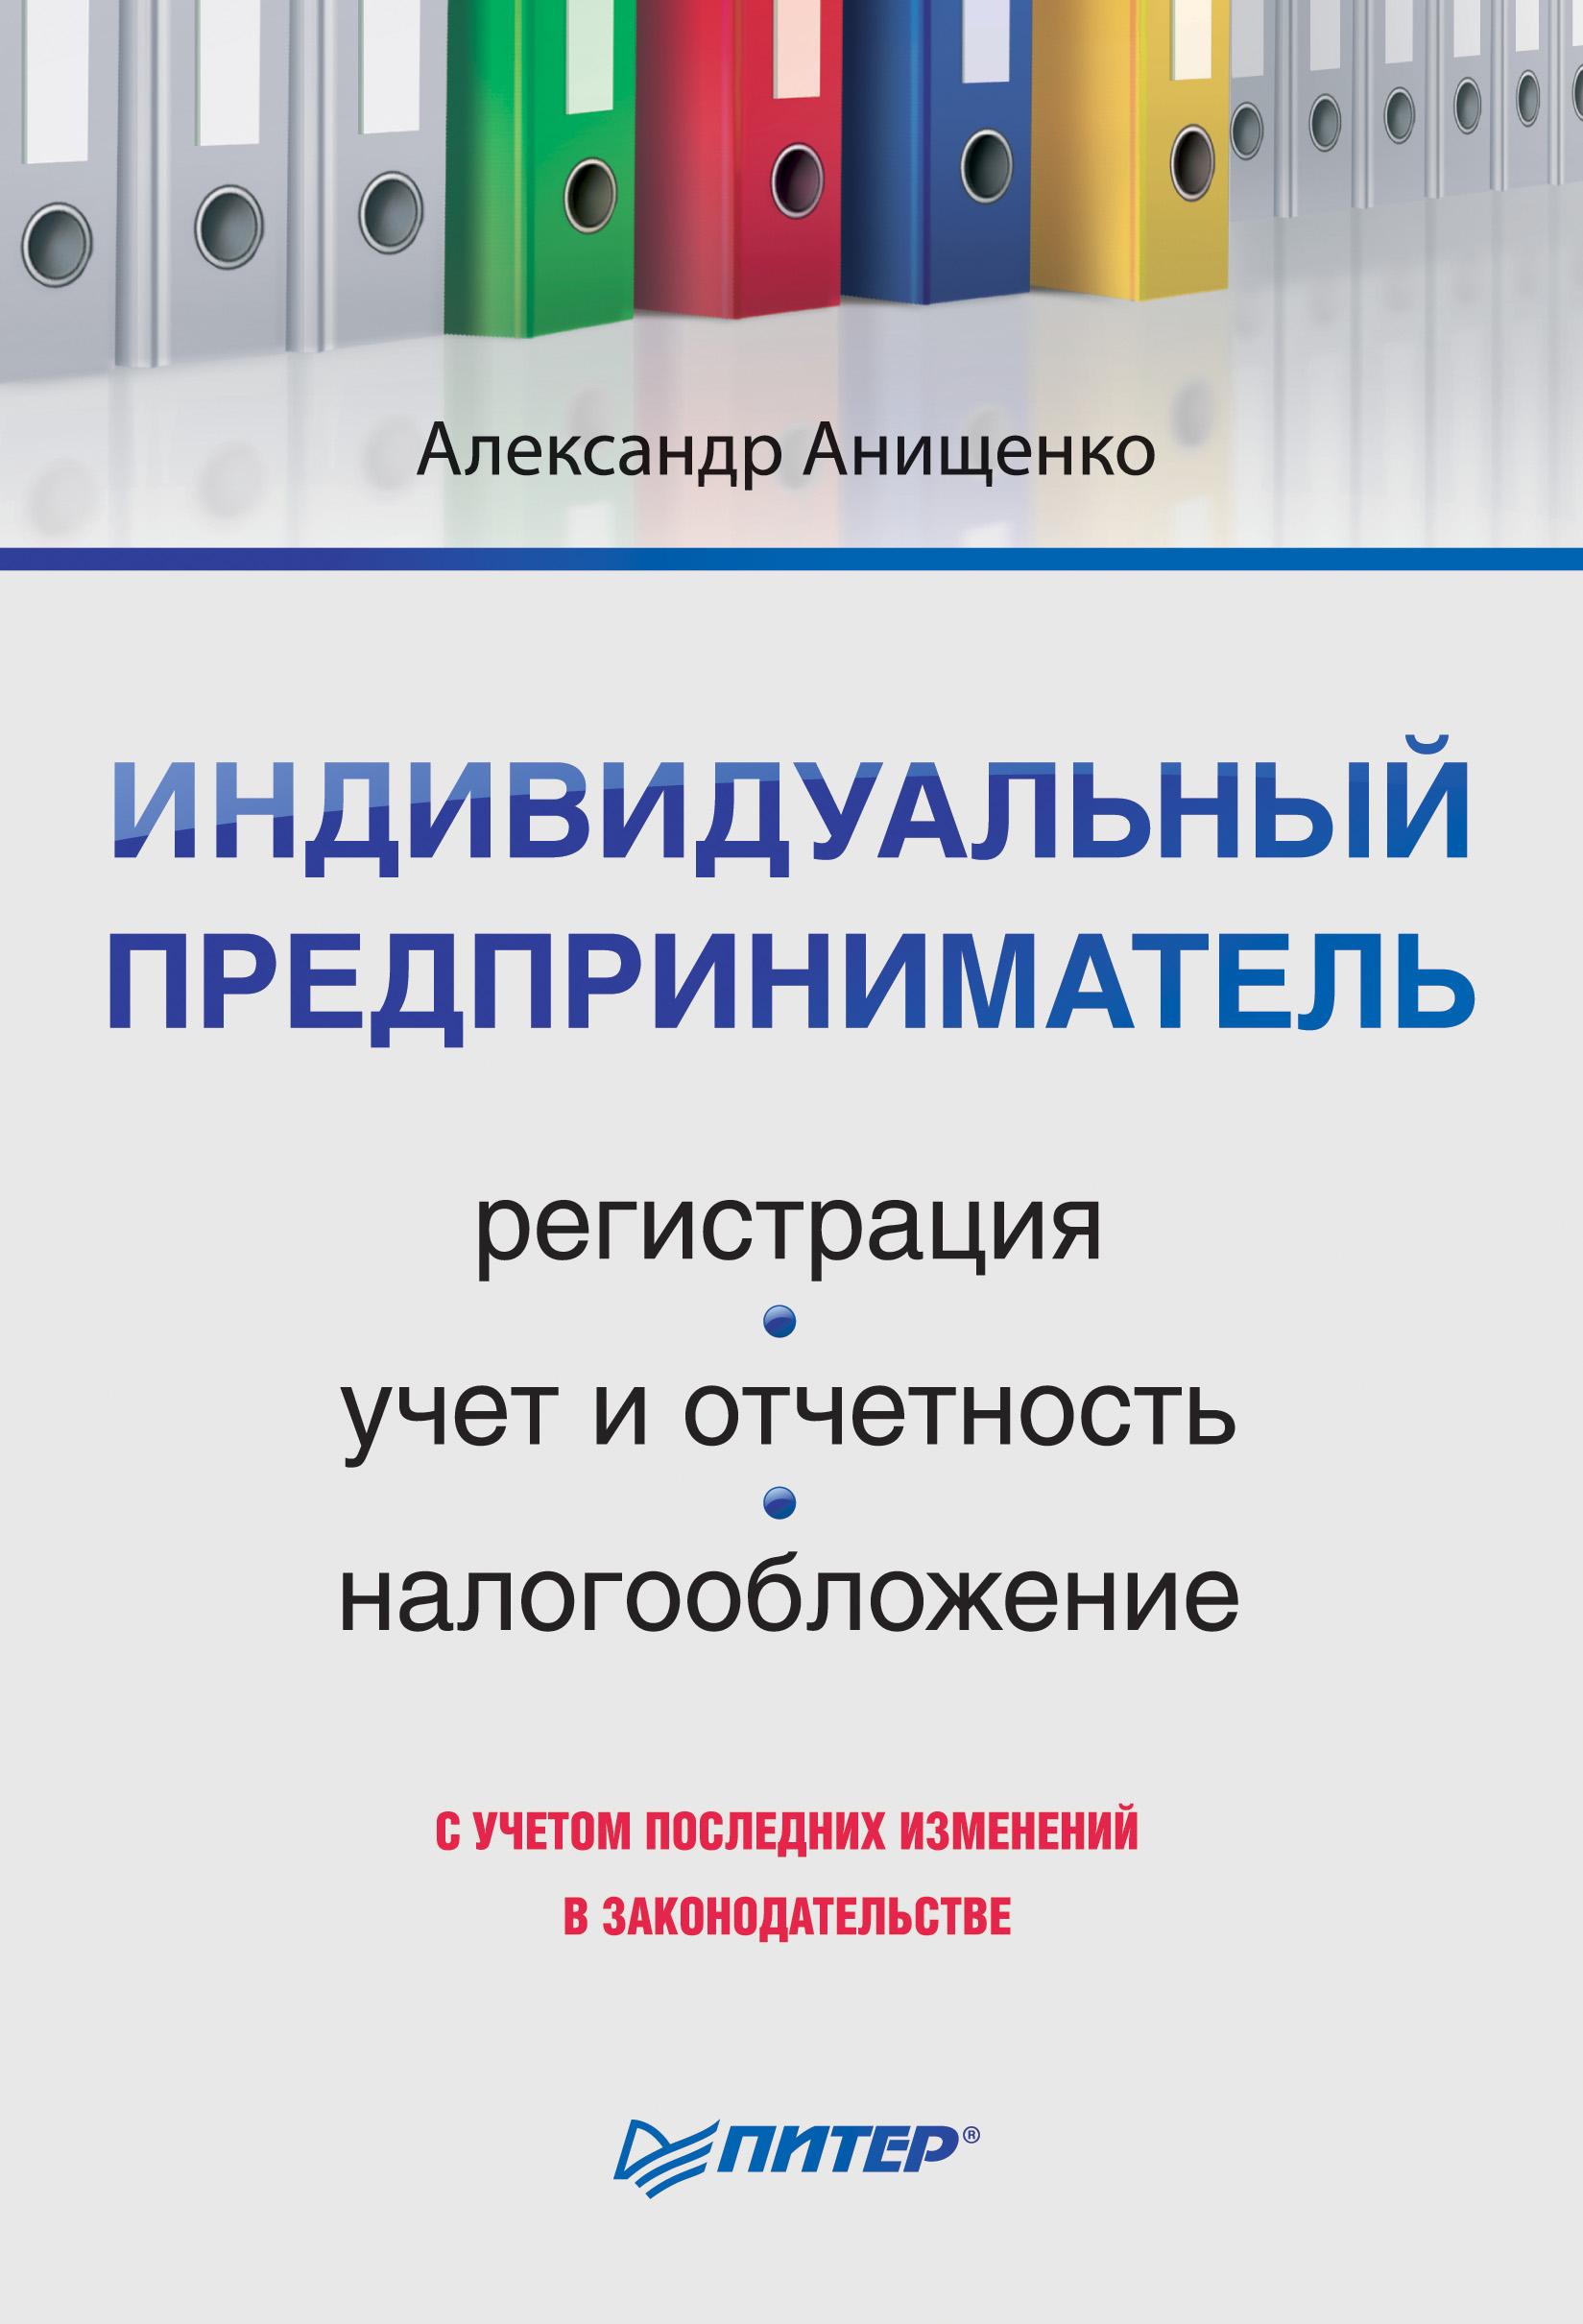 Тфомс для ип регистрация ведение бухгалтерии интернет магазина